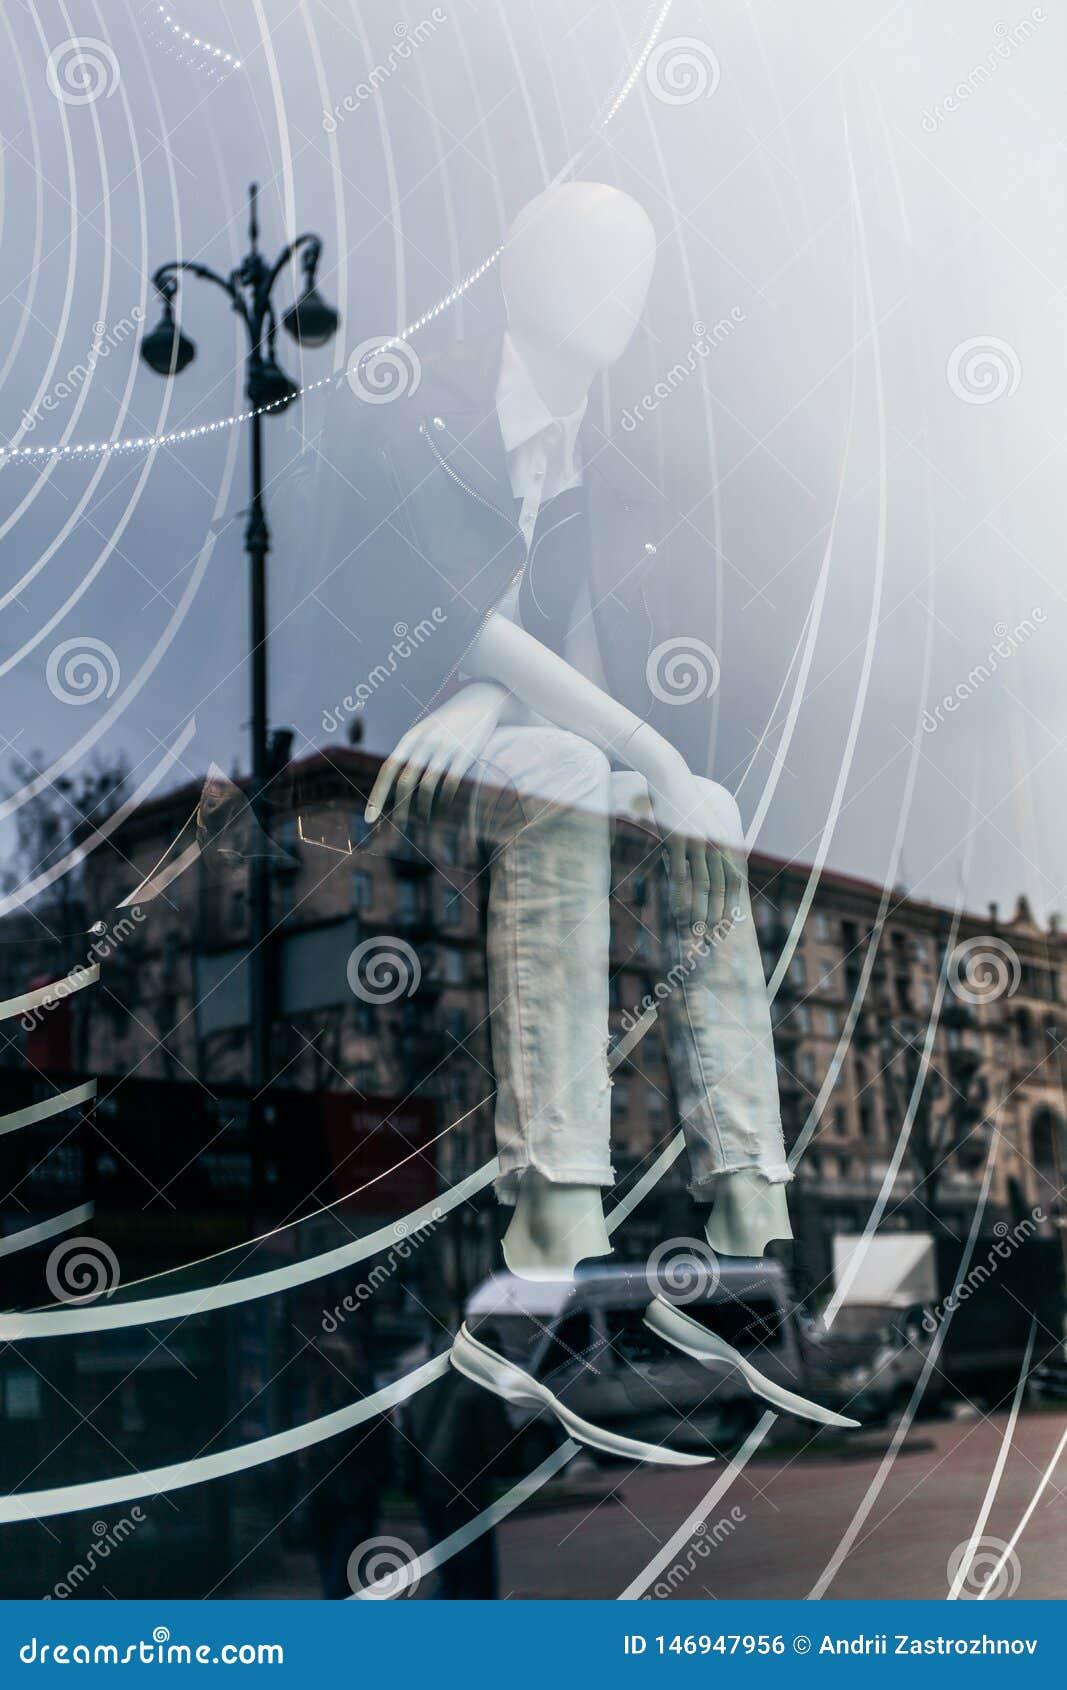 La exposici?n doble es una reflexi?n de la ciudad en la ventana de cristal de la tienda con un maniqu? en ropa de moda